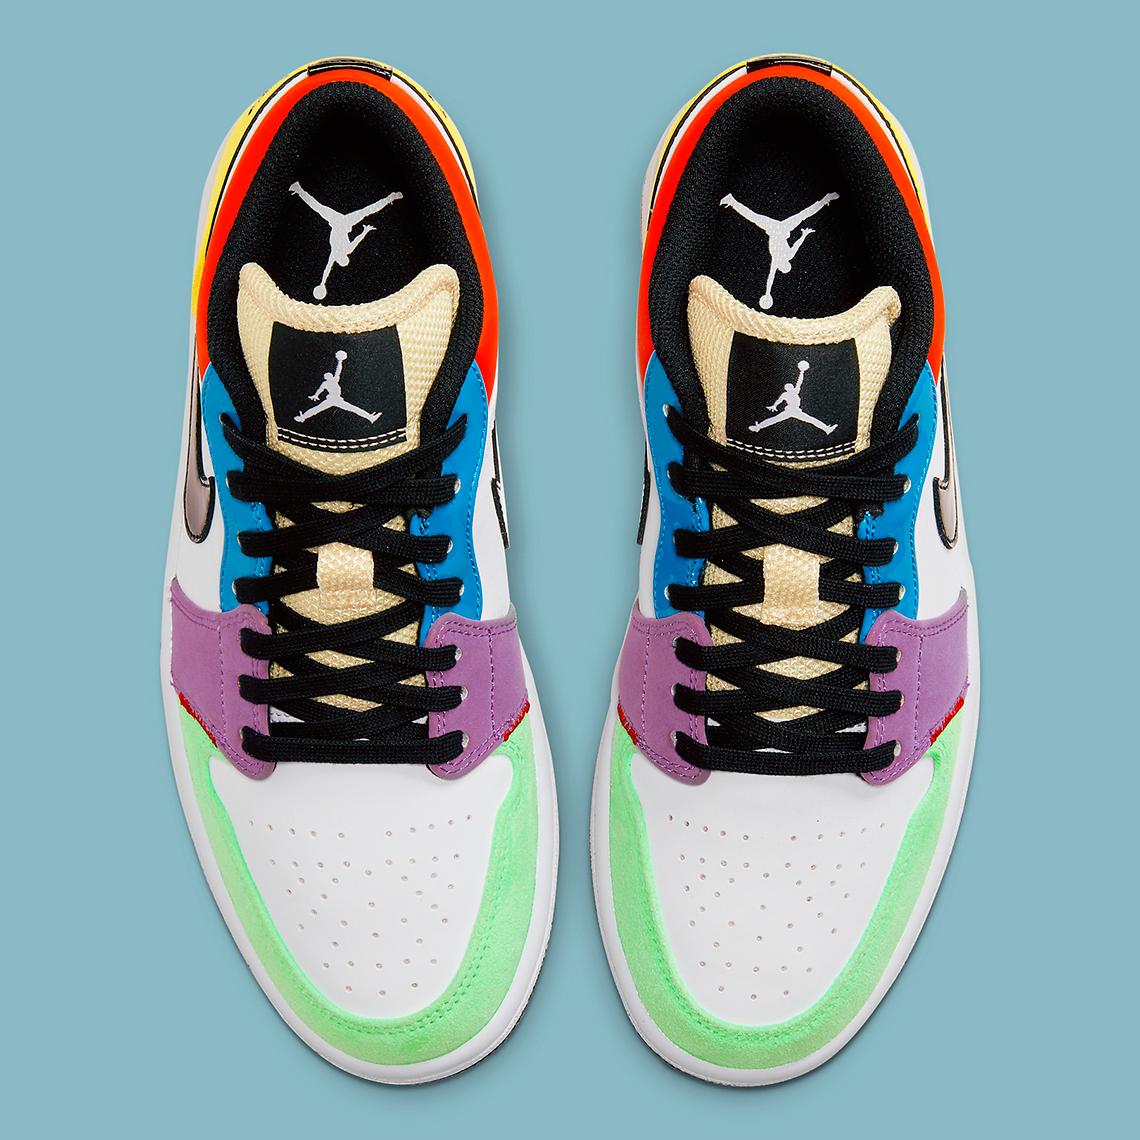 Air Jordan 1 Low Multi Color Cz3572 104 Sneakernews Com